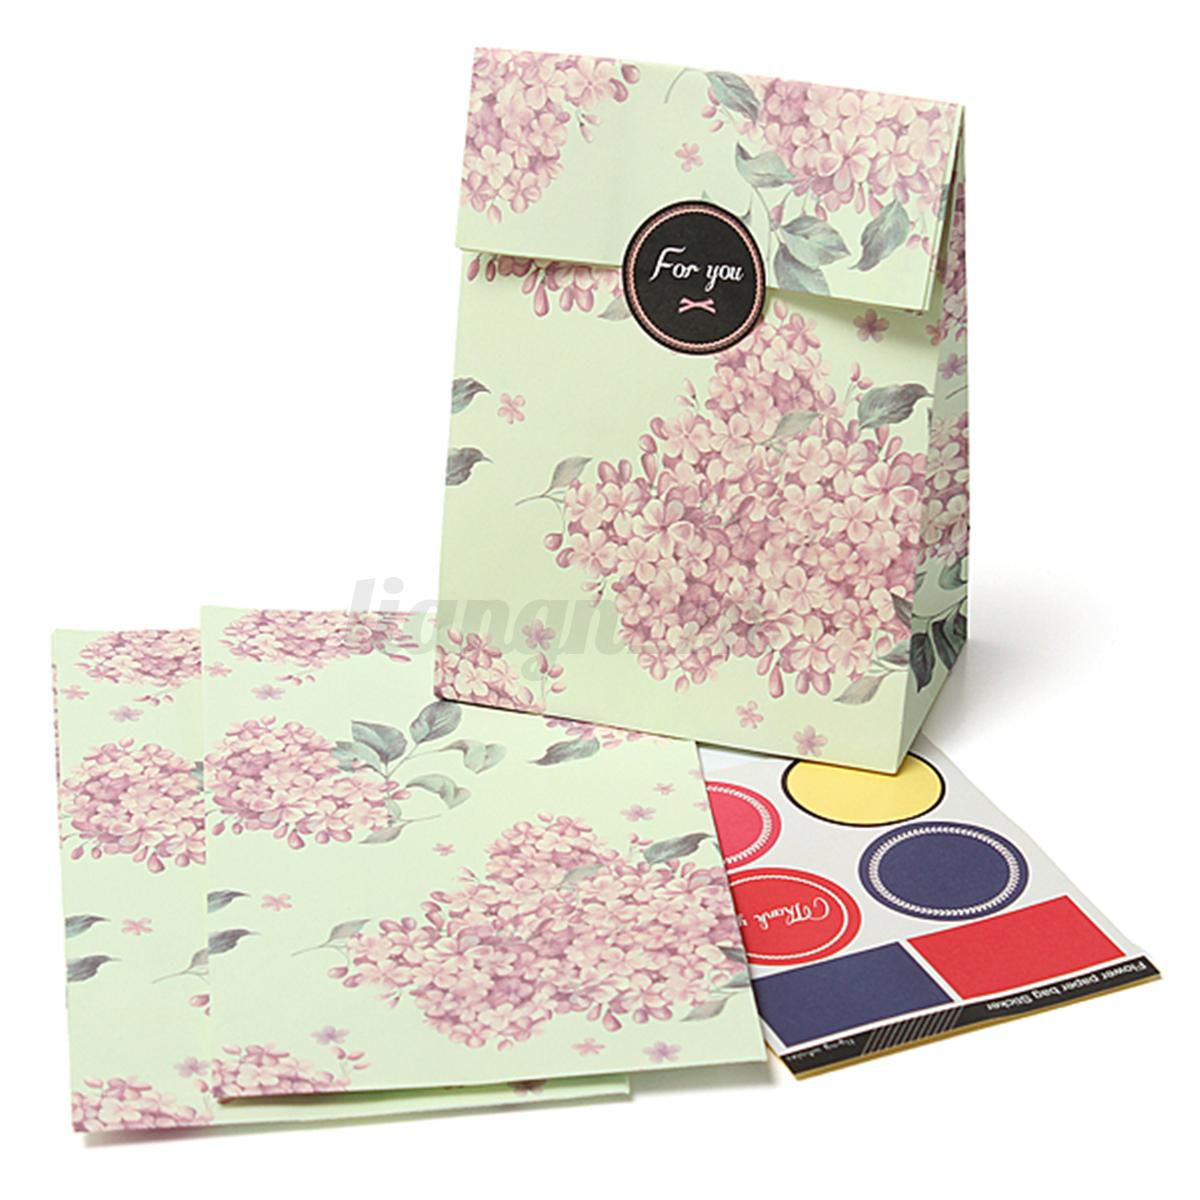 sac sachet emballage pochette de cadeau bijoux rangement pour mariage soir e ebay. Black Bedroom Furniture Sets. Home Design Ideas